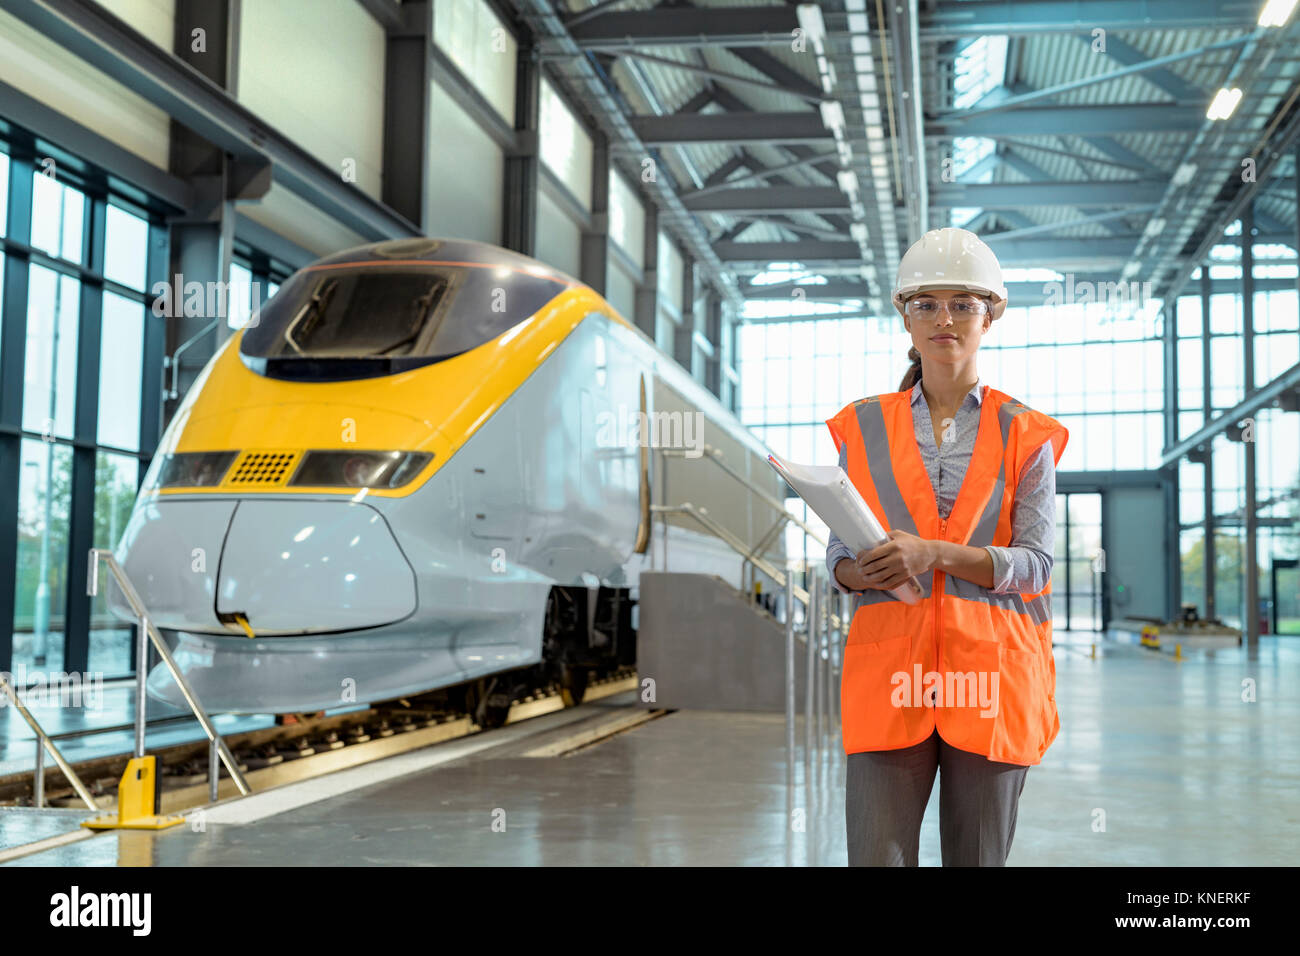 Portrait von weiblichen Lehrling Railway Engineering Facility Stockbild